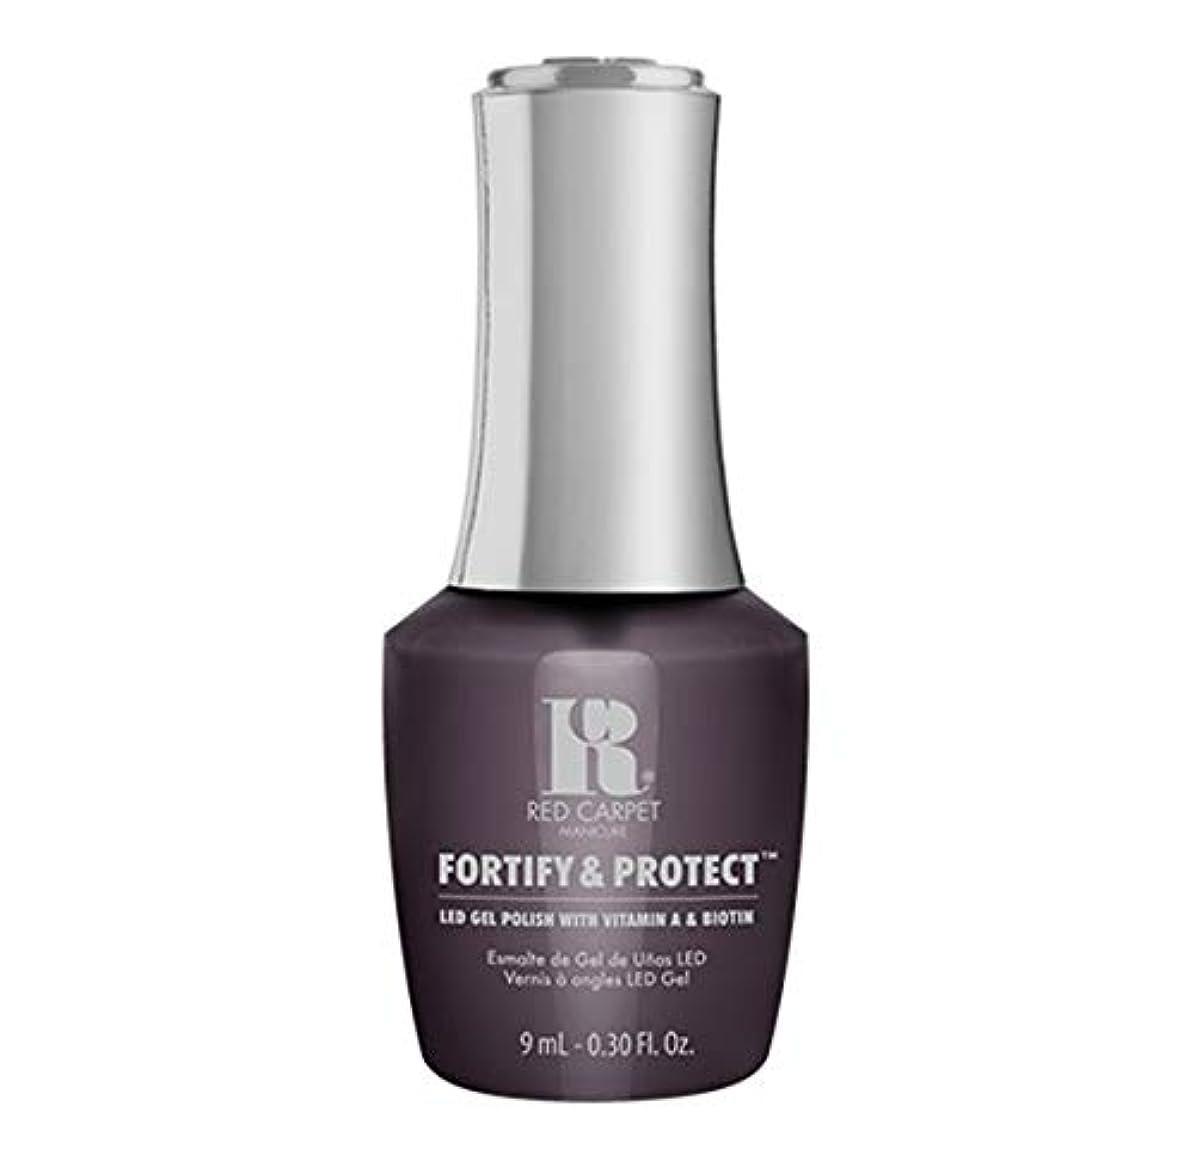 十一巧みな検閲Red Carpet Manicure - Fortify & Protect - My Debut Role - 9ml / 0.30oz